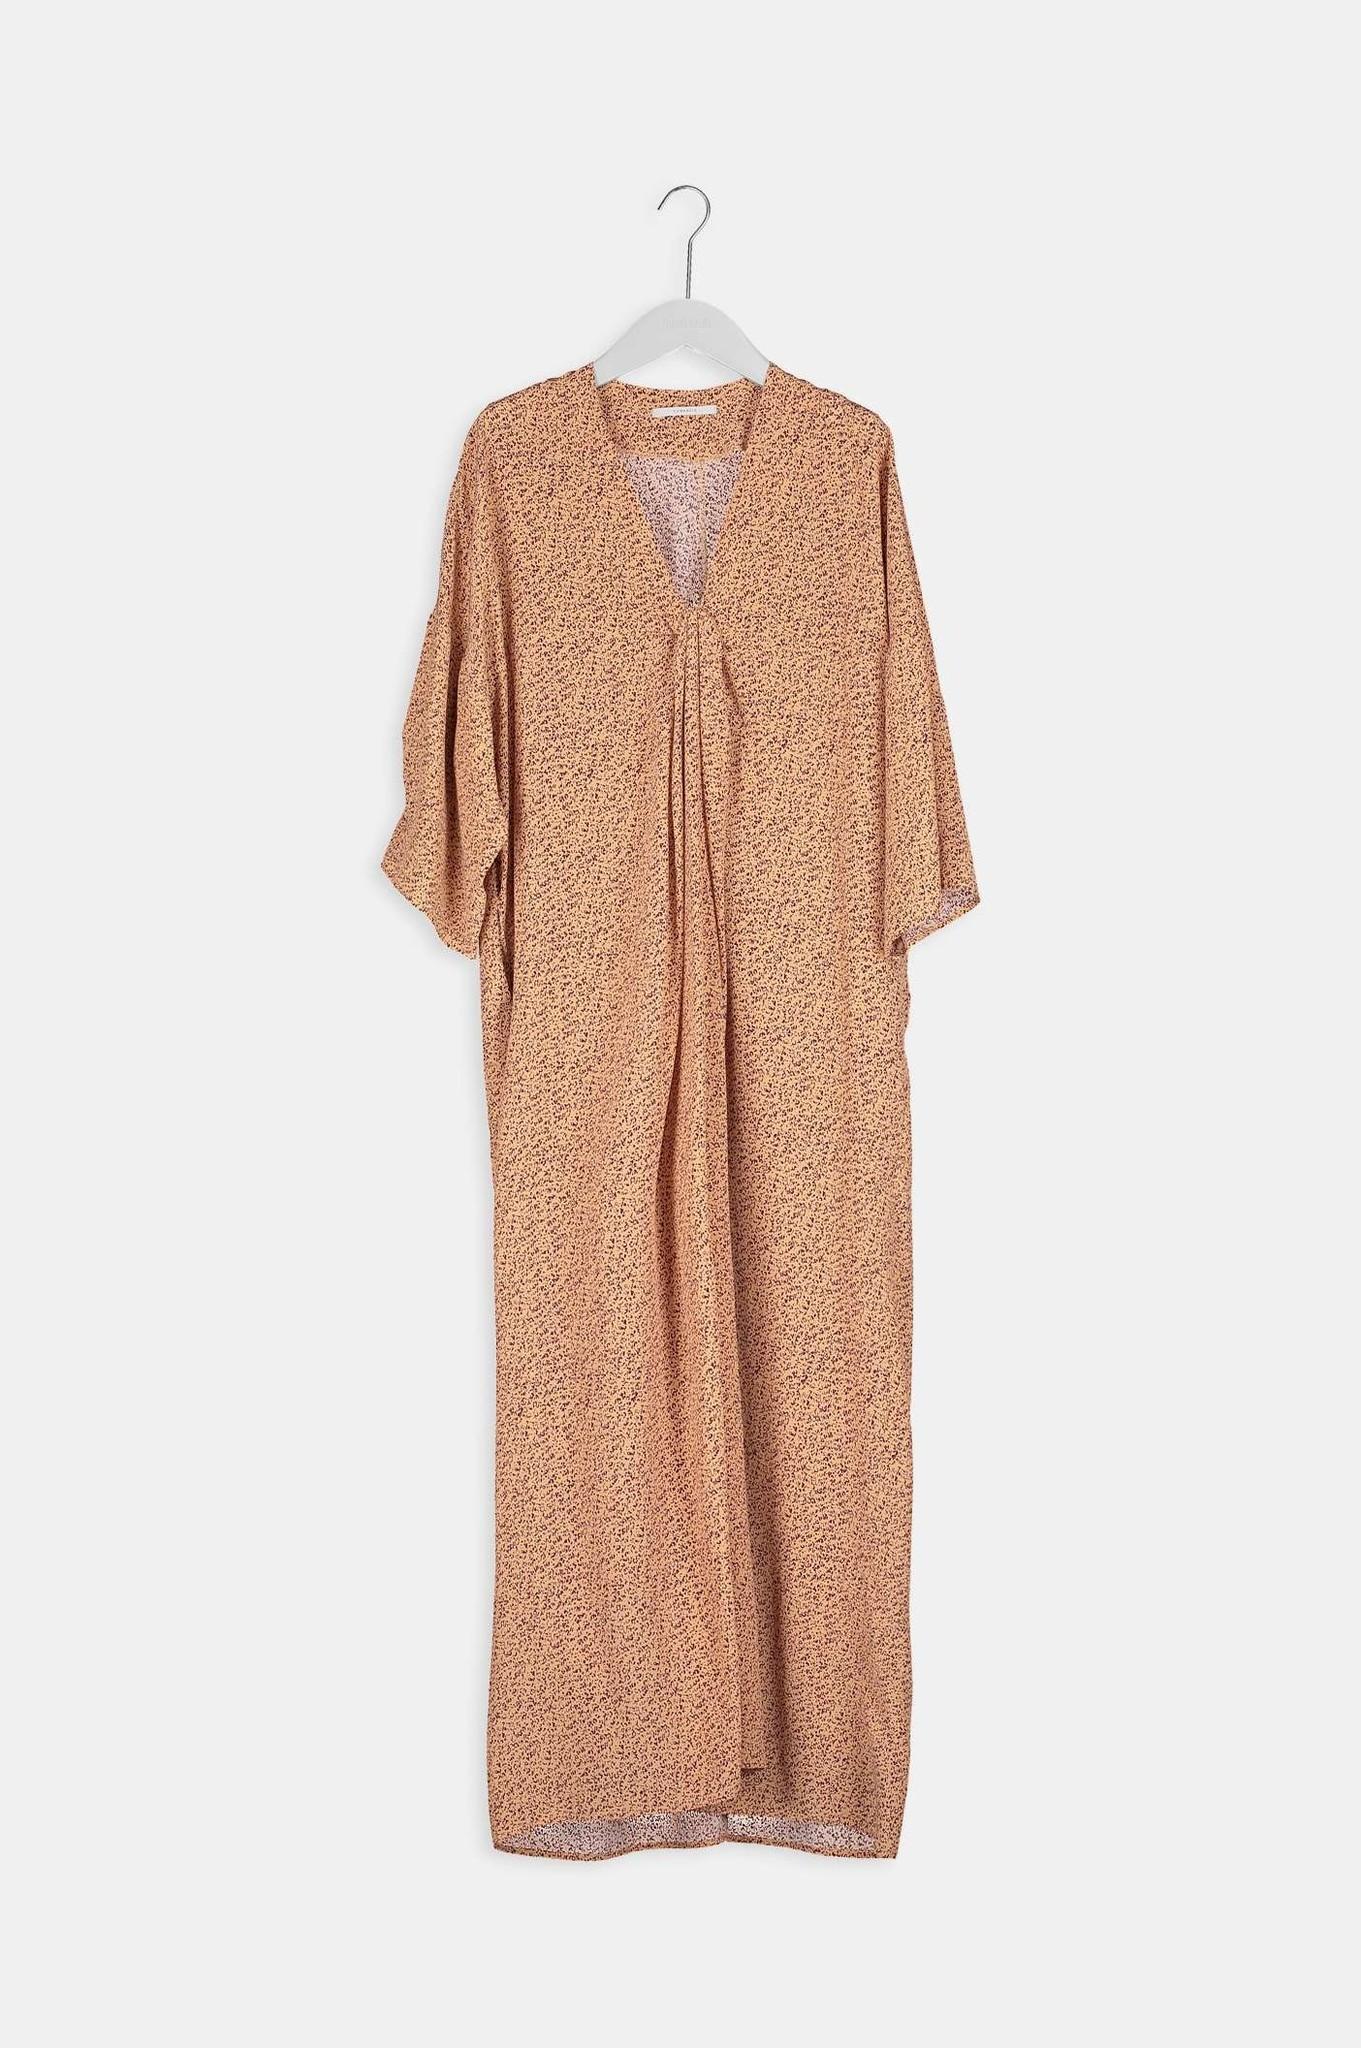 Bless Print Dress - Apricot-5